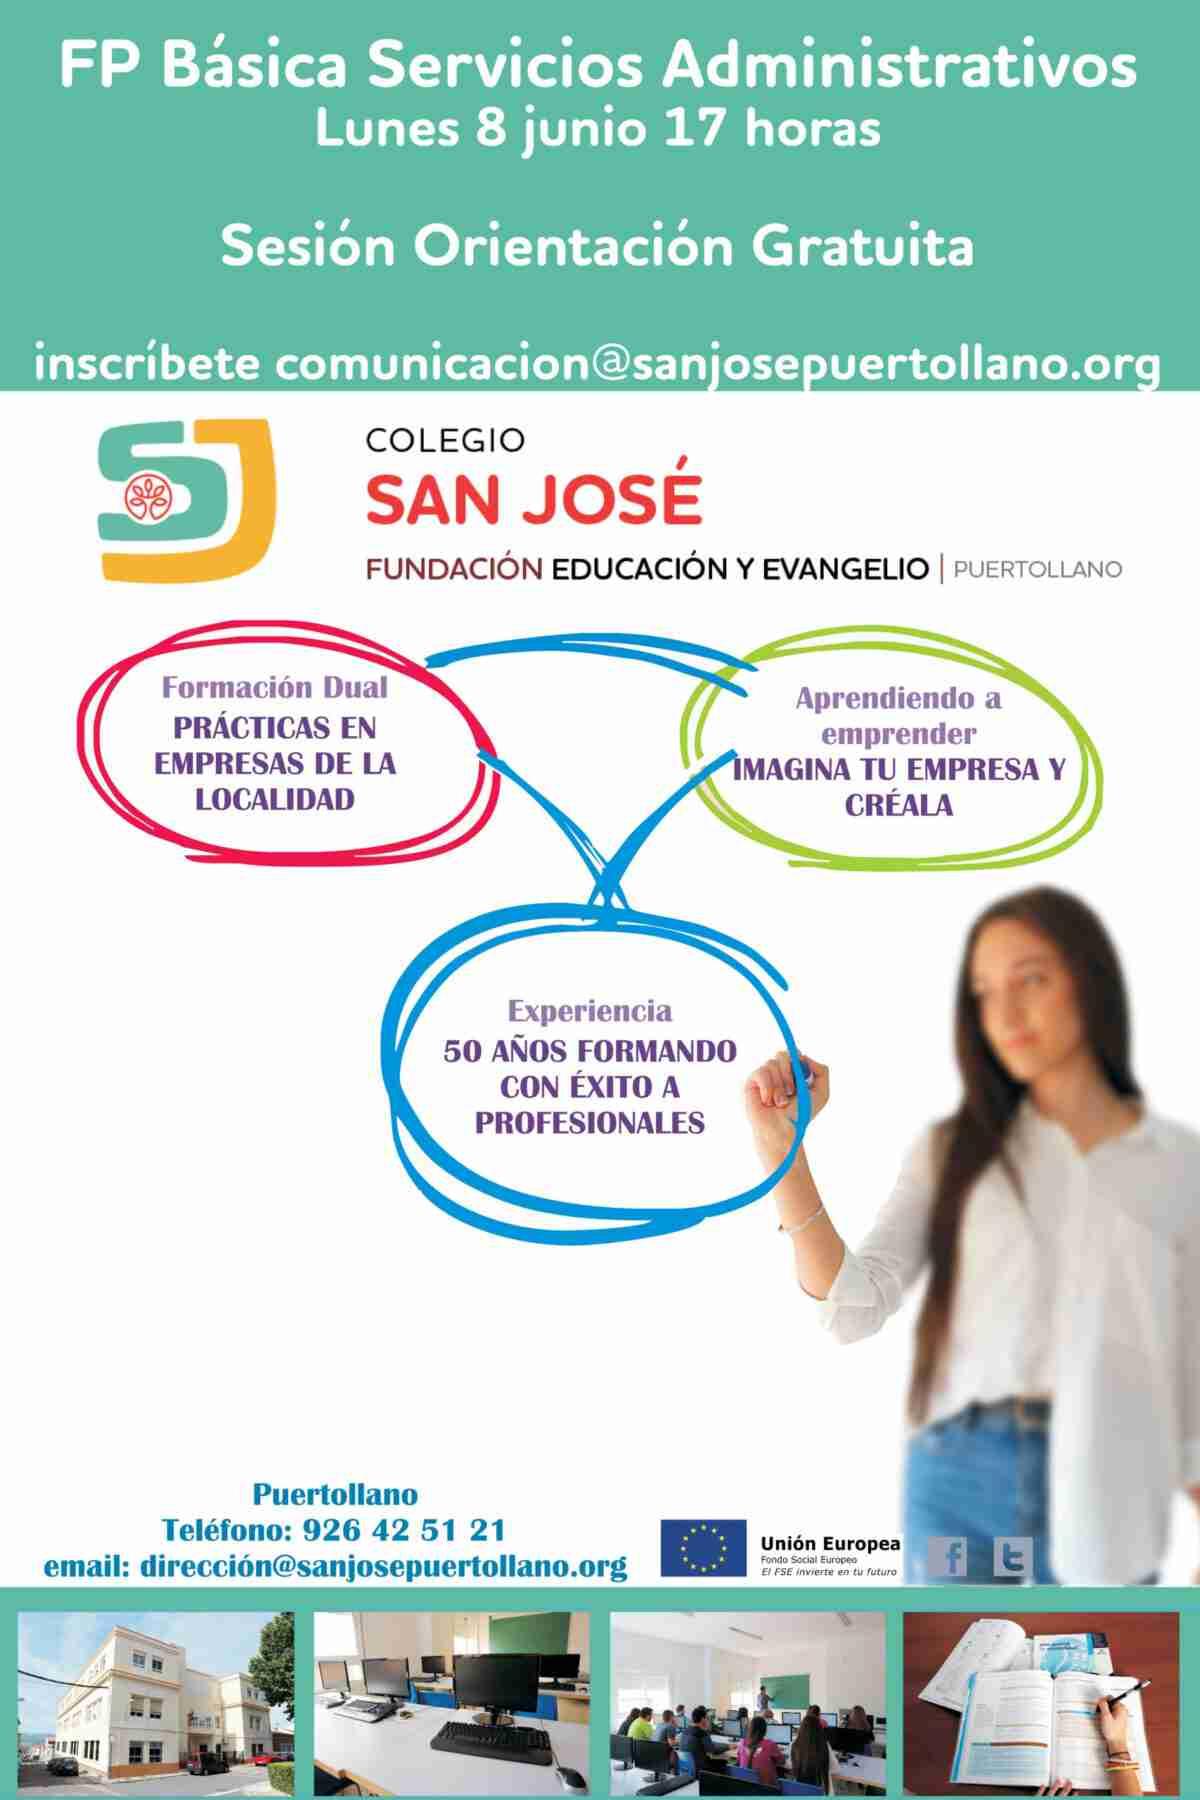 El Colegio San José de Puertollano invita a una sesión gratuita de orientación sobre FP Básica 1